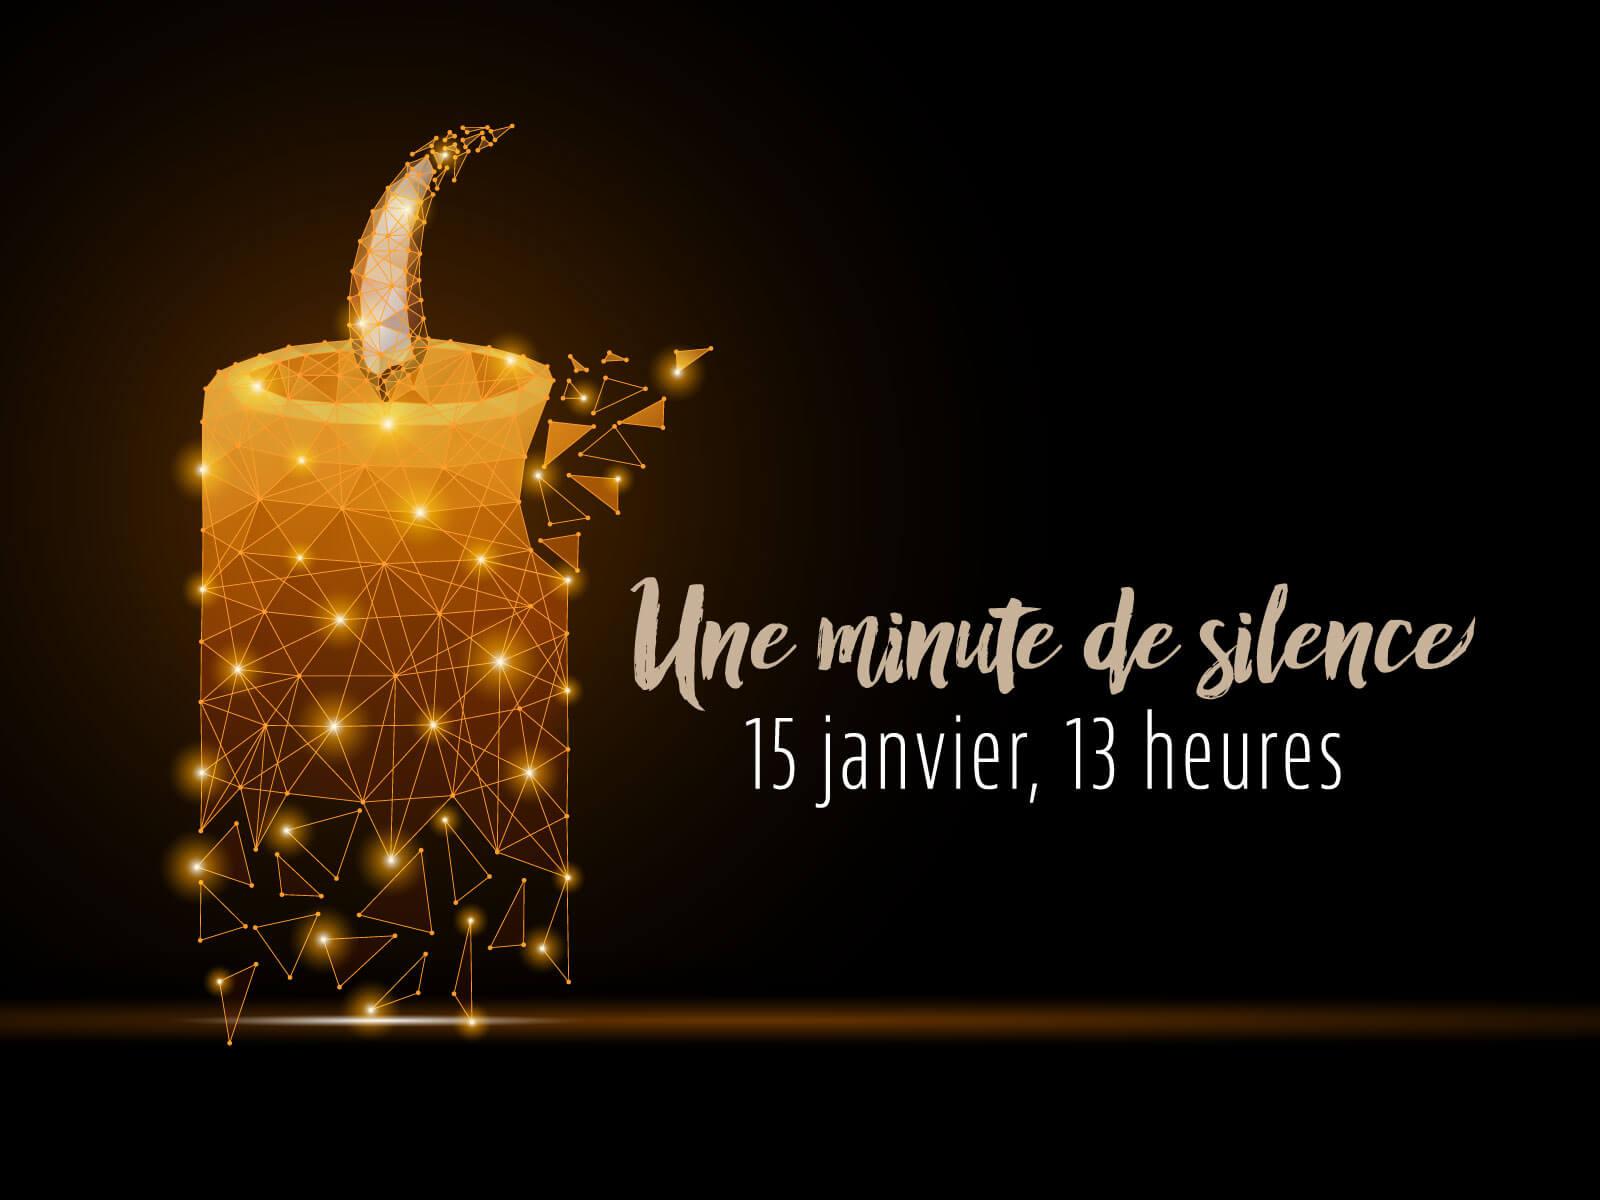 Une minute de silence et de chagrin solidaire